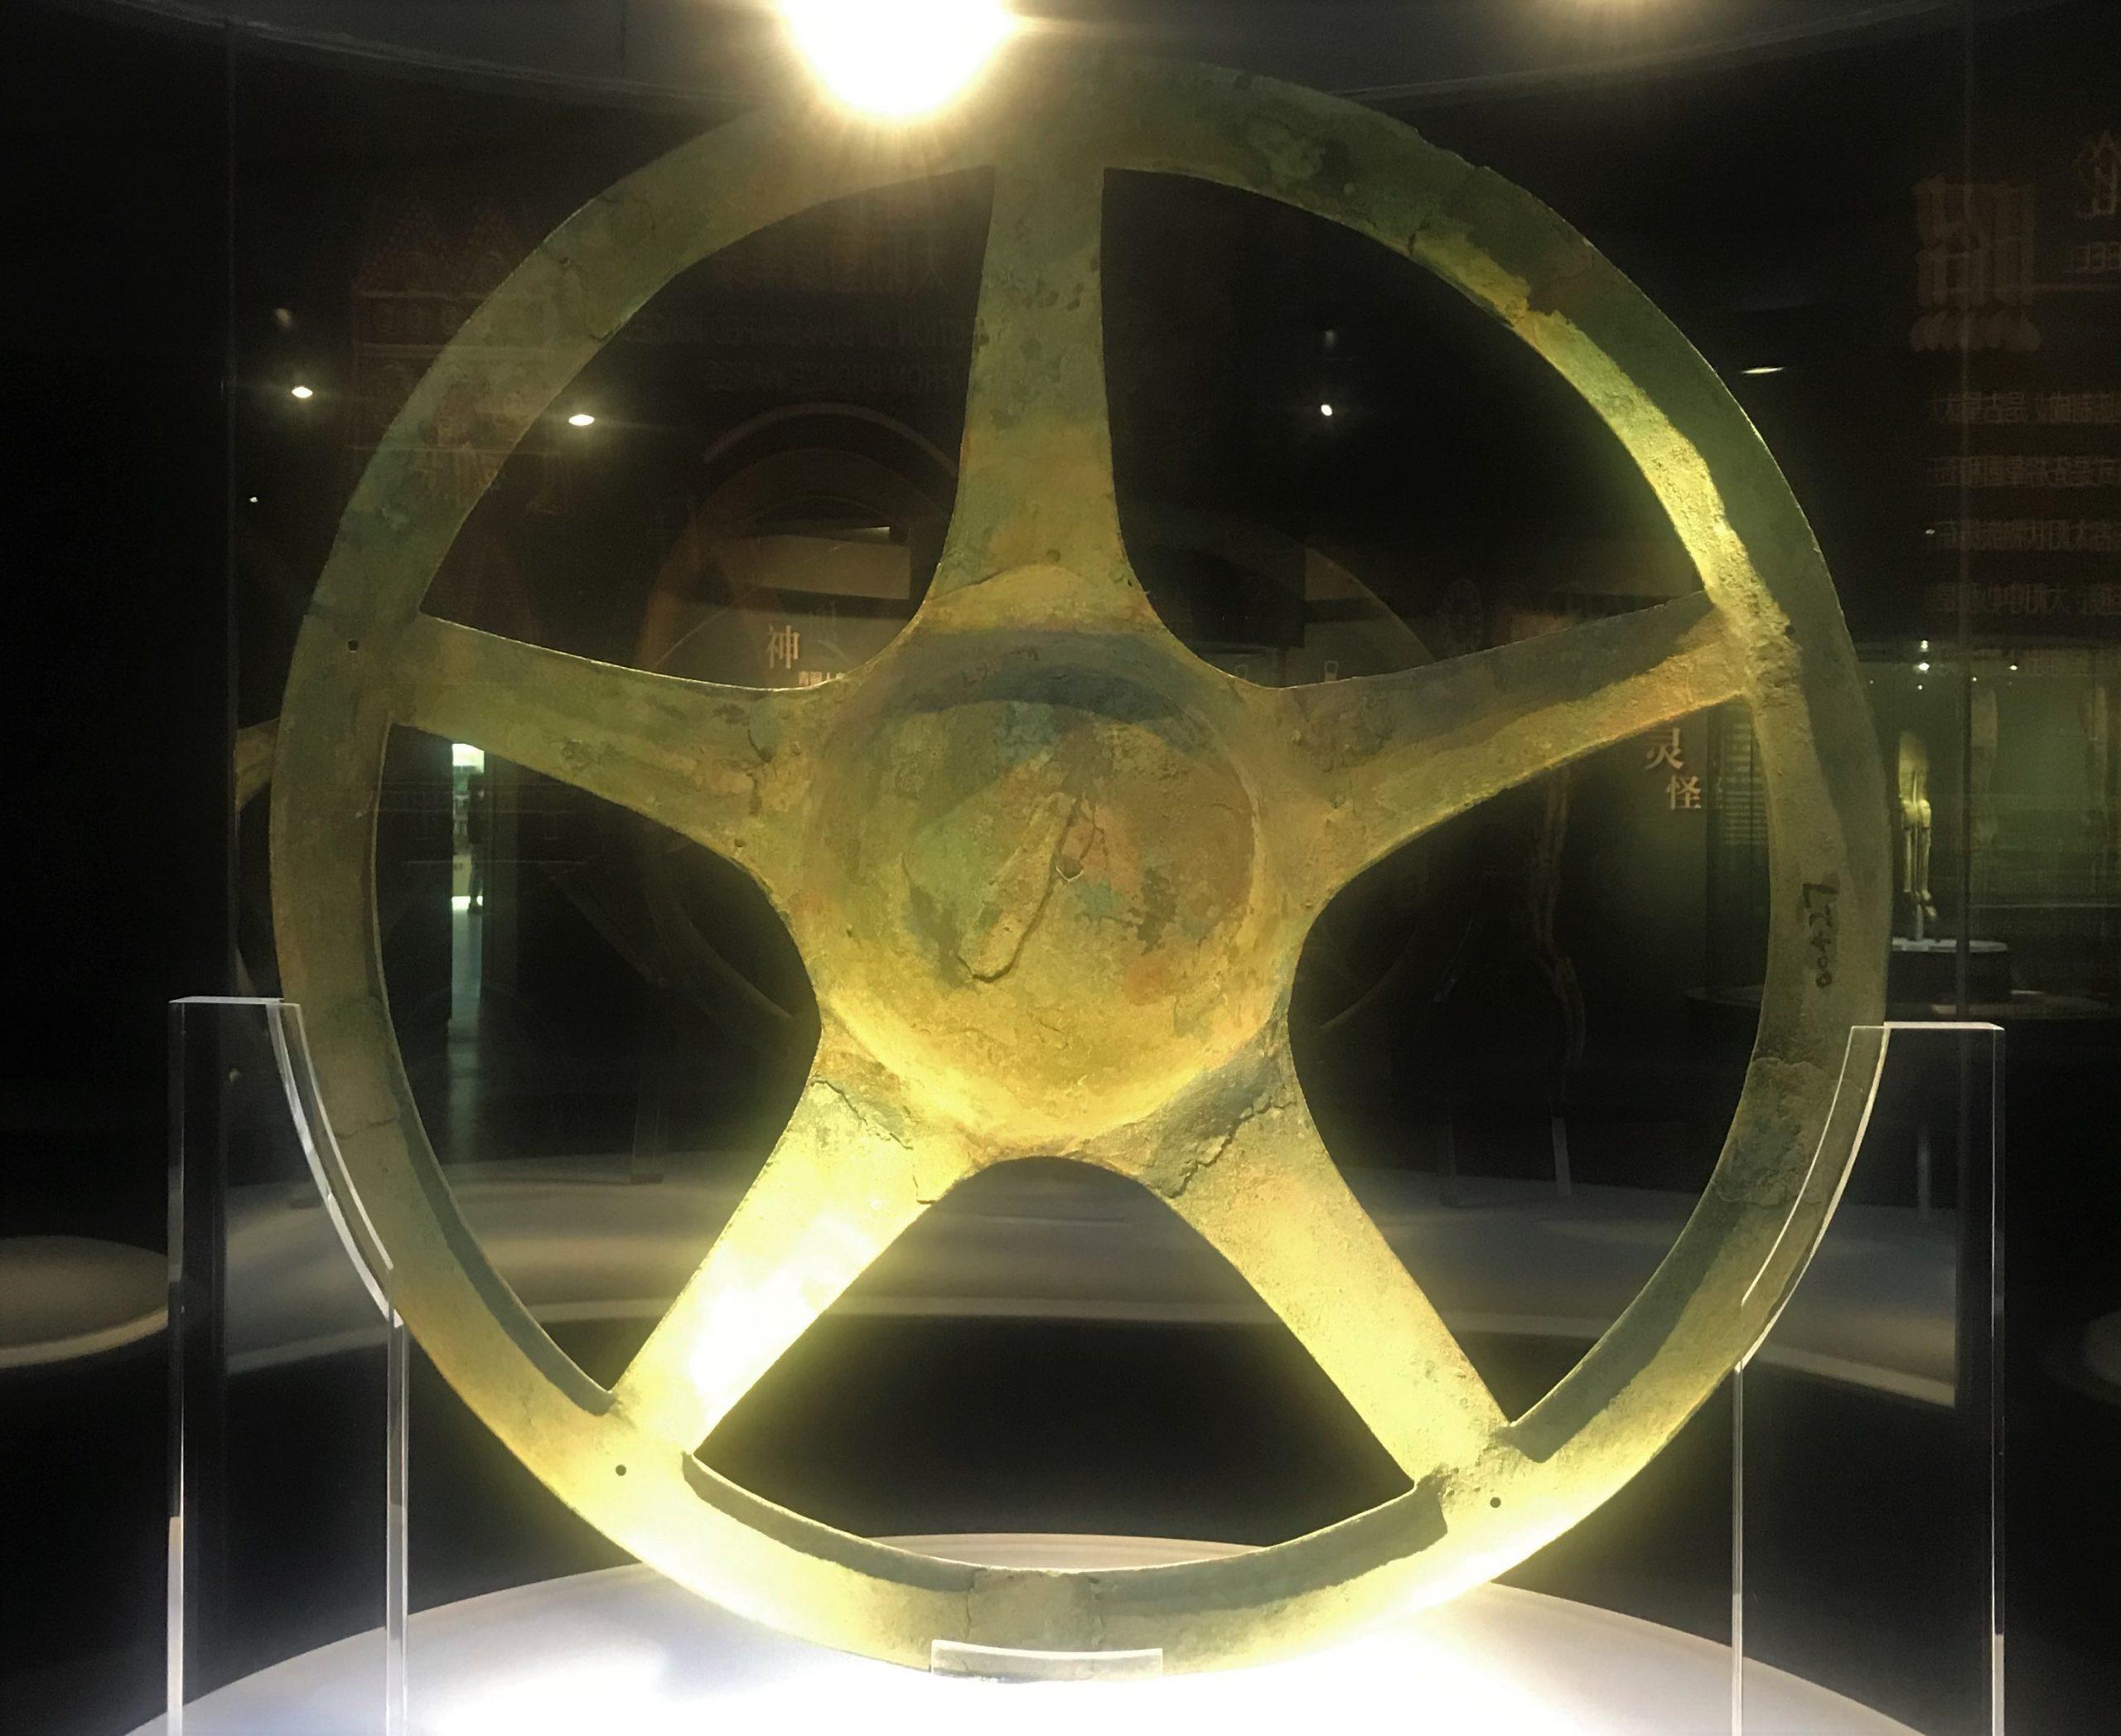 車輪形飾り-青銅器館-三星堆博物館-広漢市-徳陽市-四川省